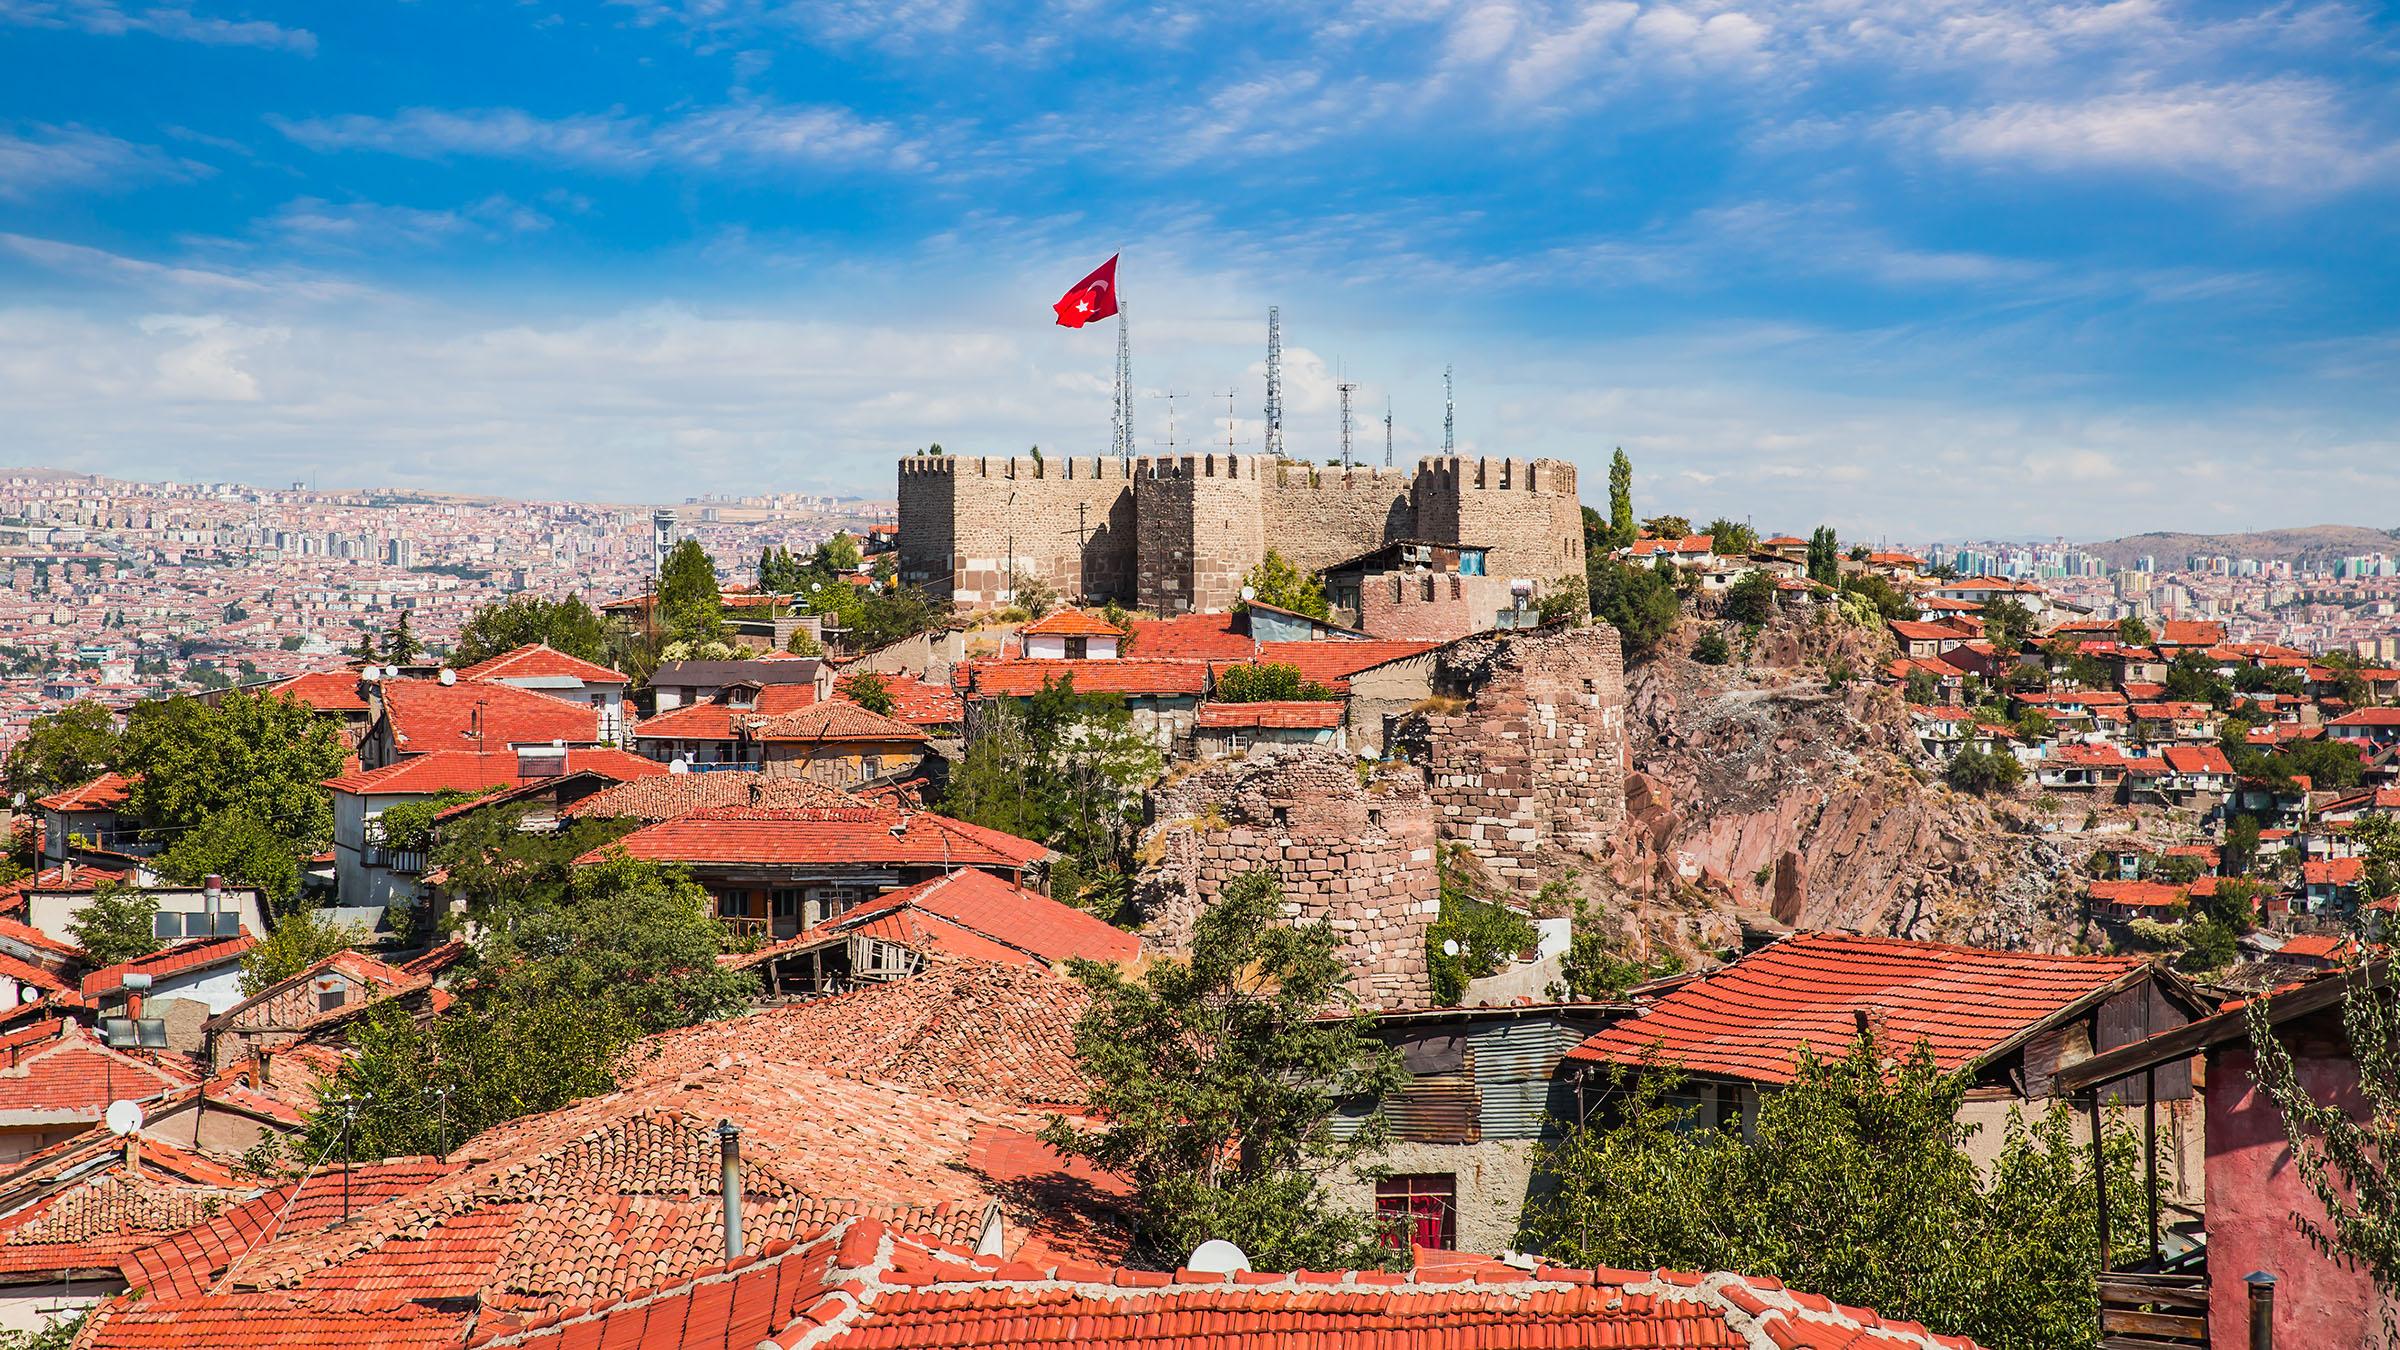 castillo-de-ankara-capital-de-turquia